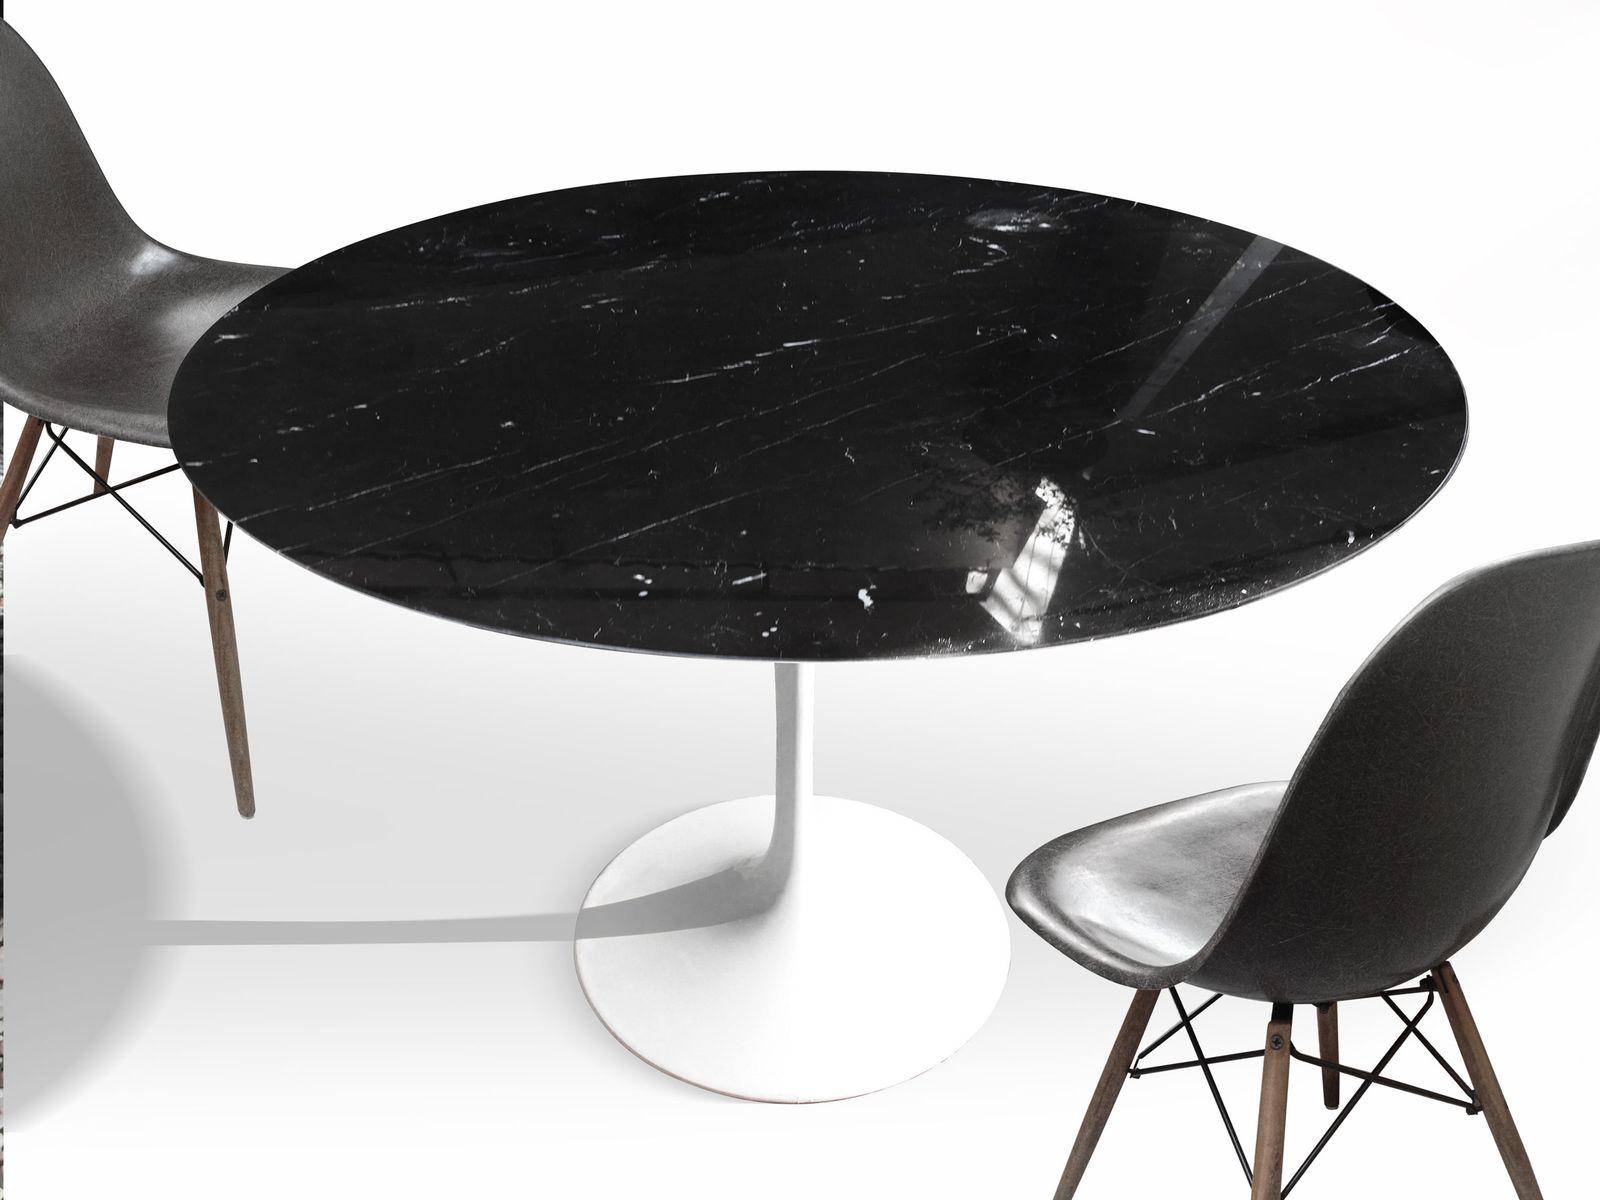 vintage schwarzer marquina esstisch von eero saarinen f r knoll bei pamono kaufen. Black Bedroom Furniture Sets. Home Design Ideas